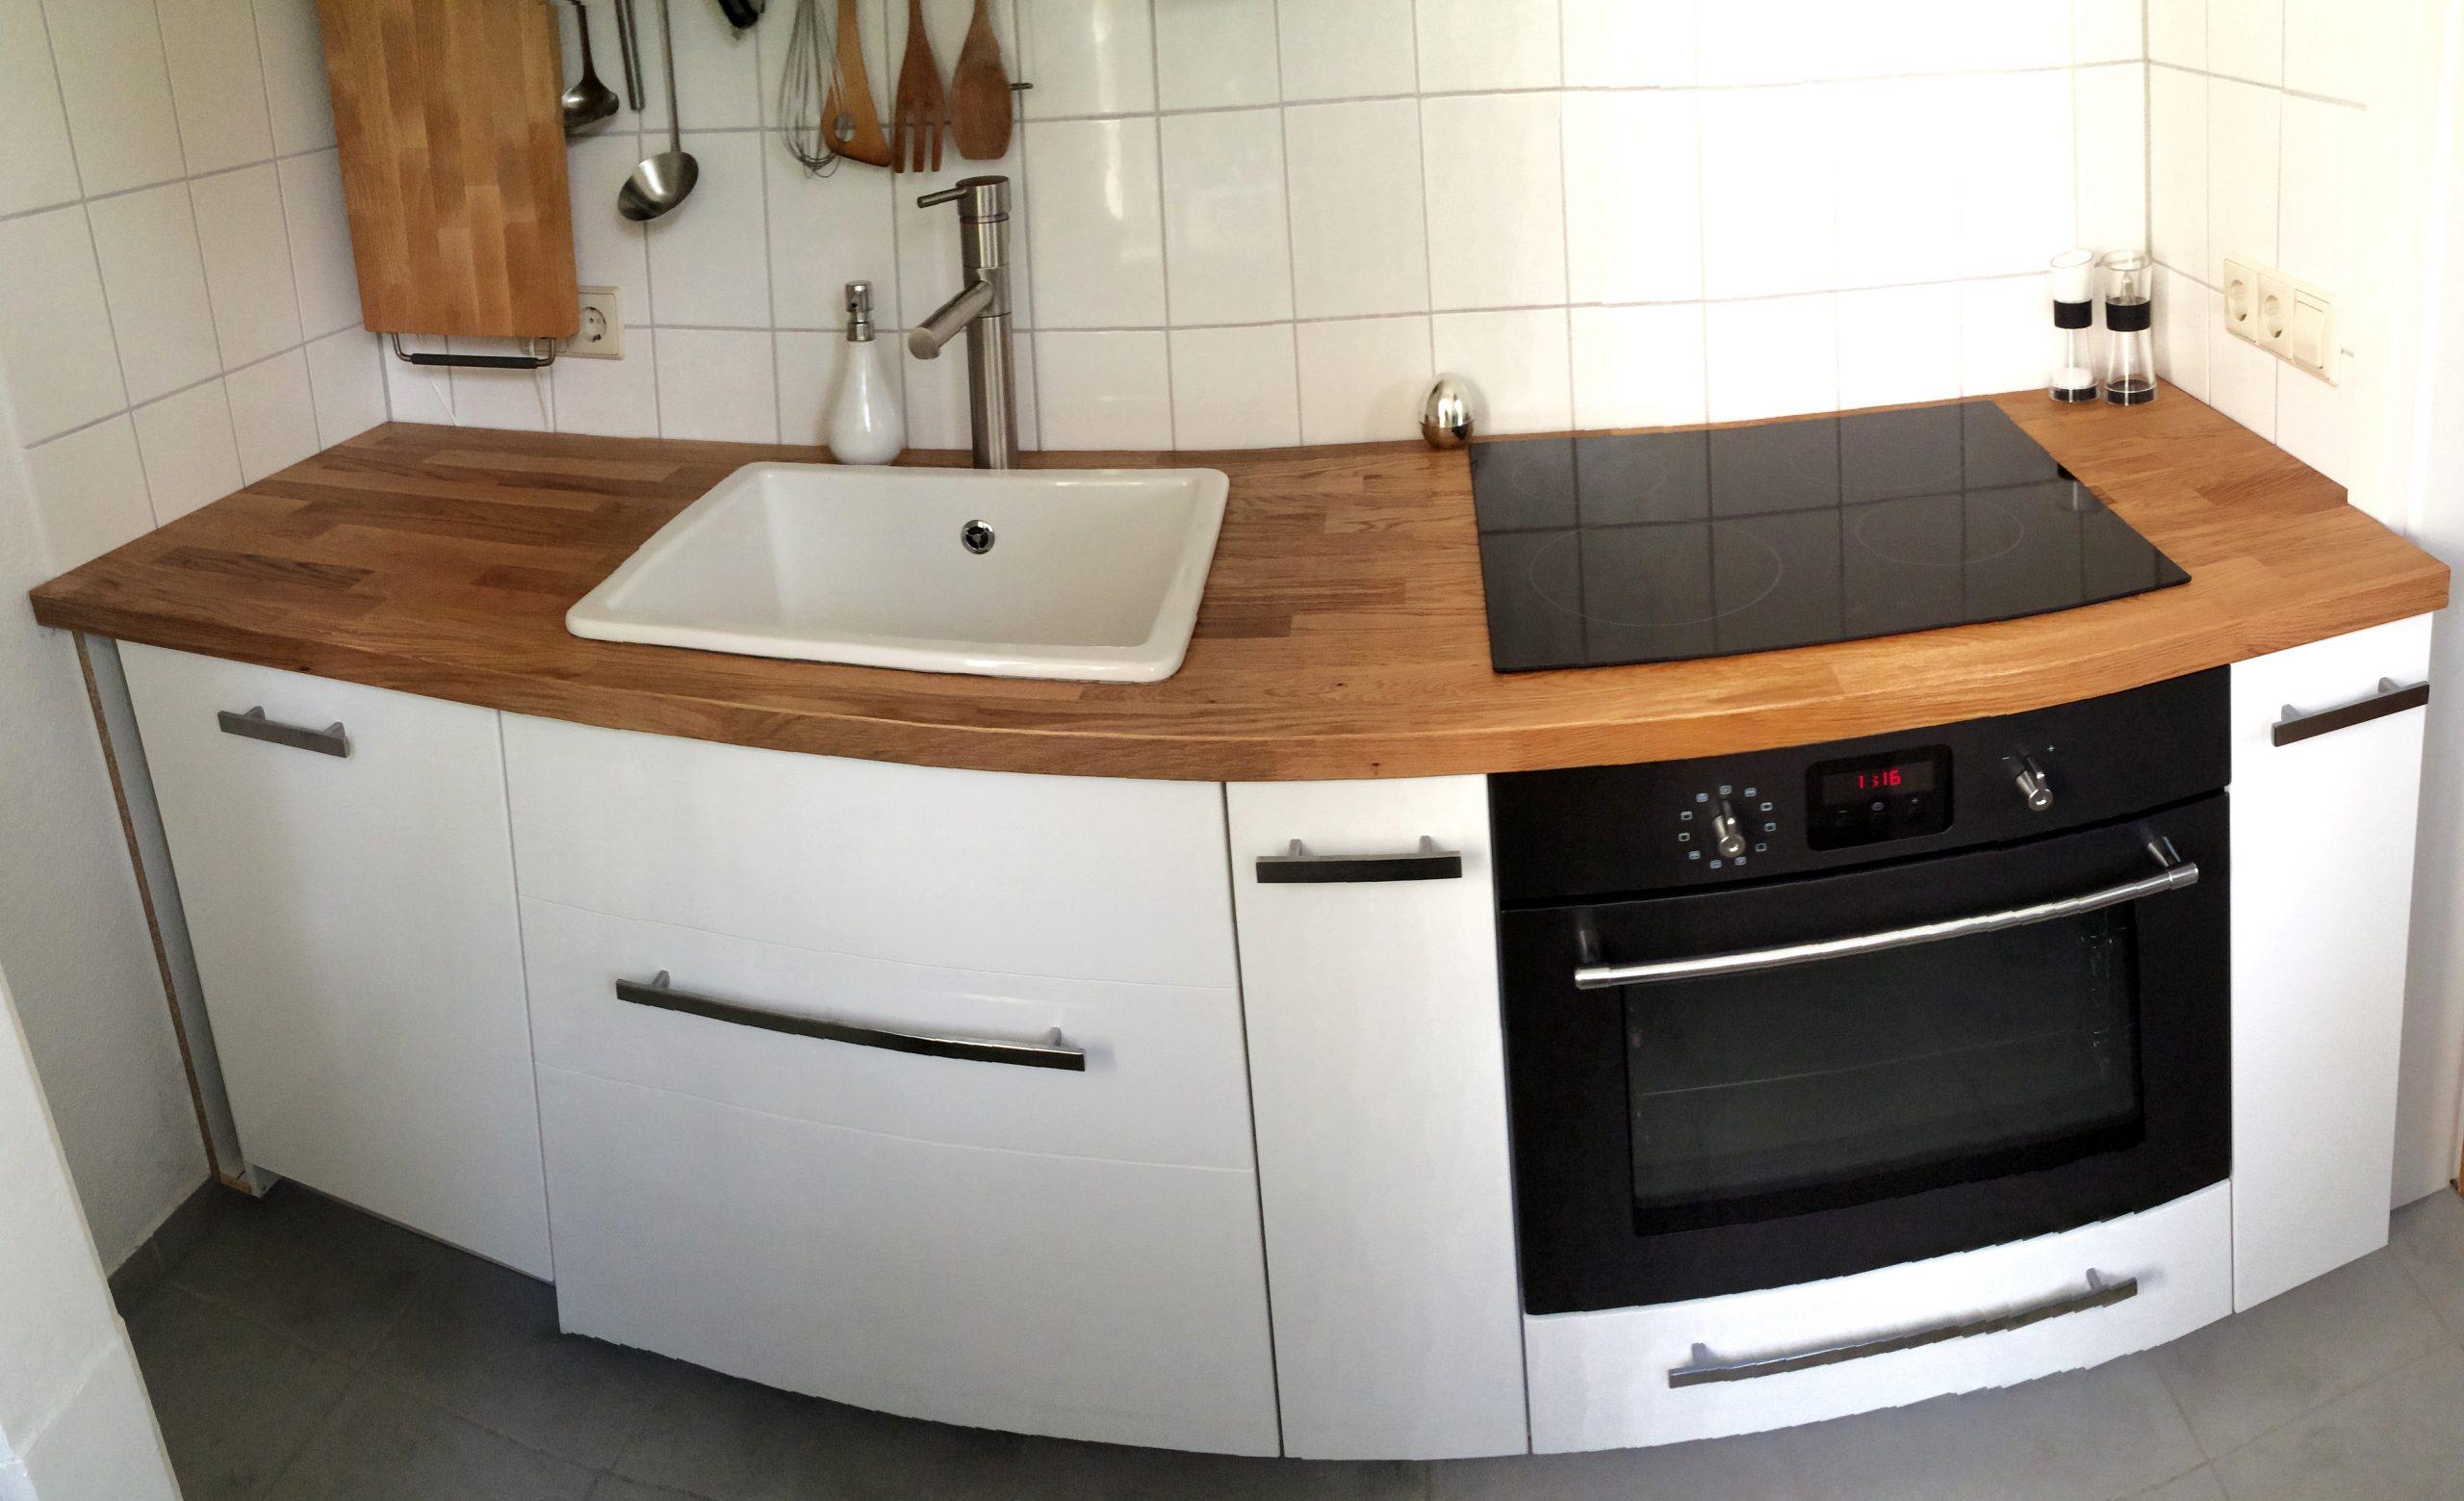 Full Size of Unsere Erste Ikea Kche Moderne Magazin Modulküche Betten Bei Sofa Mit Schlaffunktion Küche Kaufen Miniküche 160x200 Kosten Küchen Regal Wohnzimmer Ikea Küchen